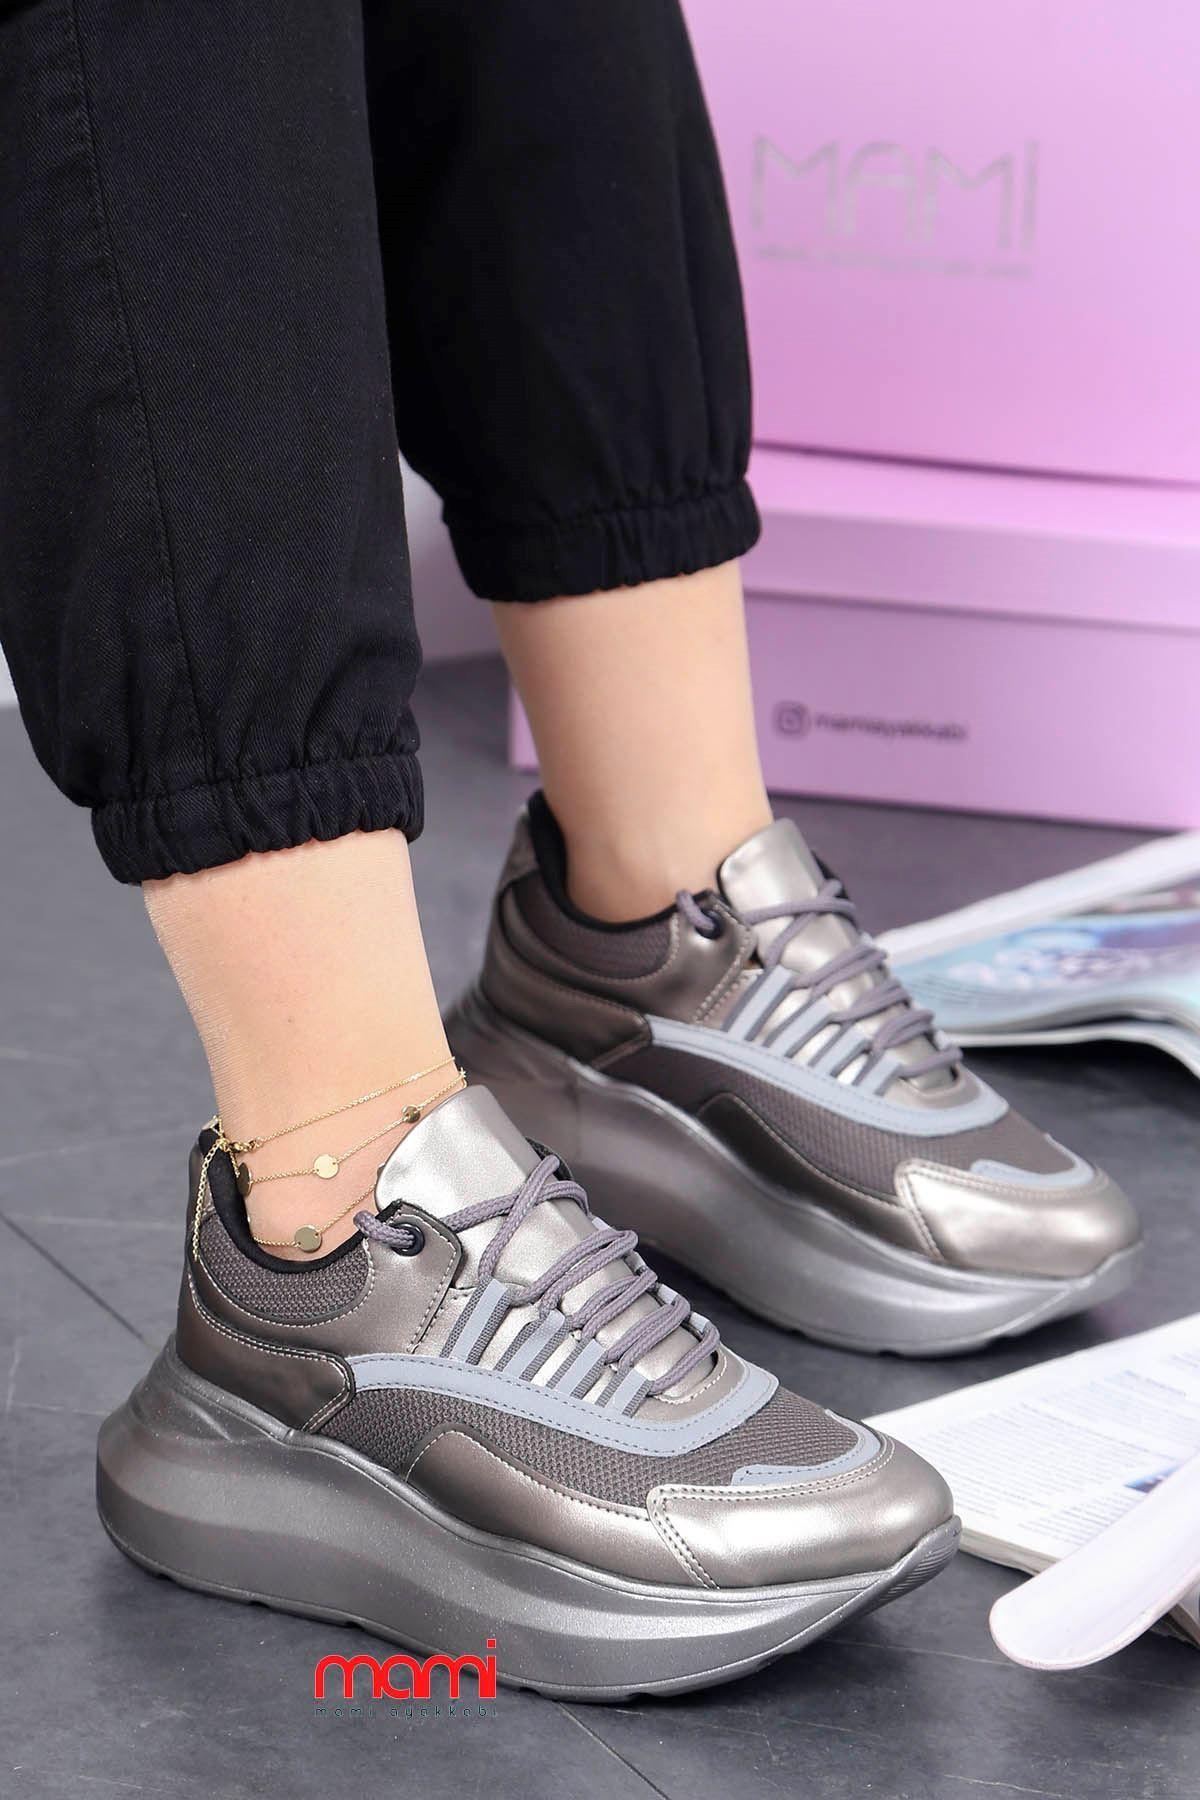 Mrt-700 Spor Ayakkabı Balon Taban Platin Deri